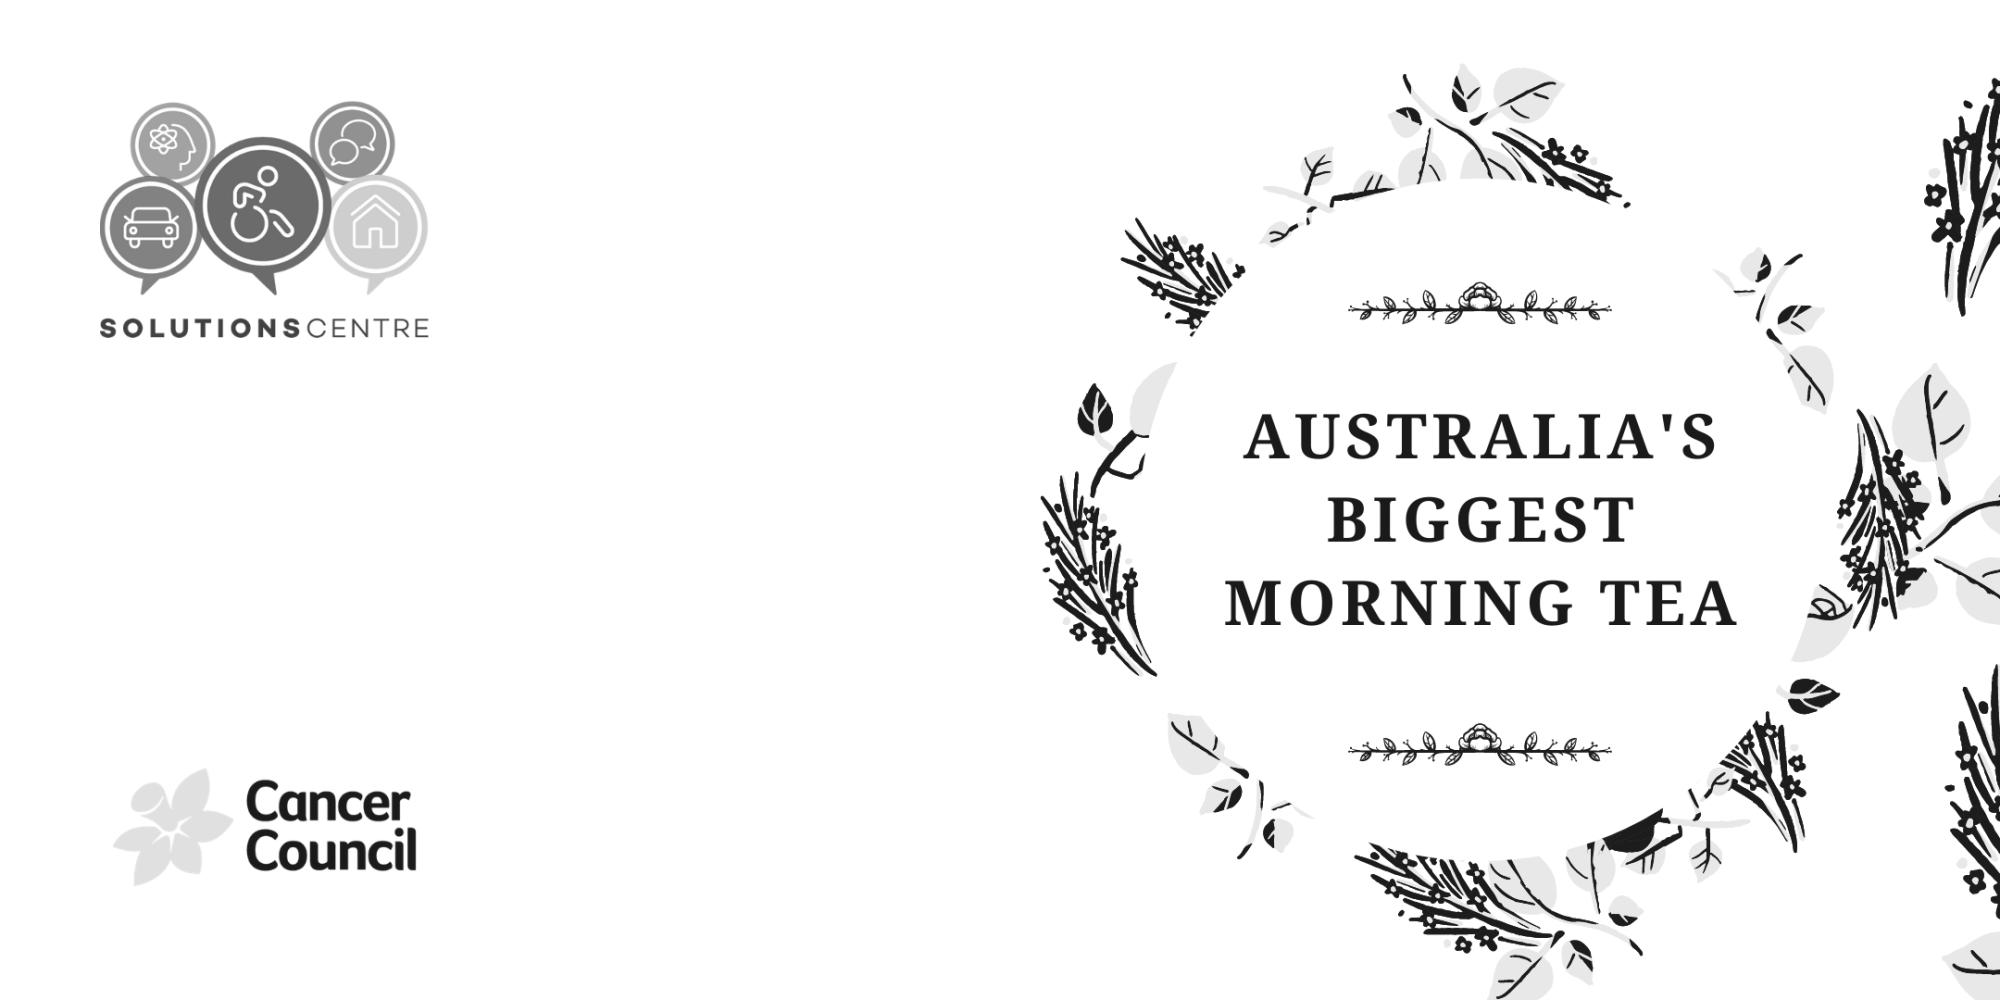 AUTRALIA'S BIGGEST MORNING TEA